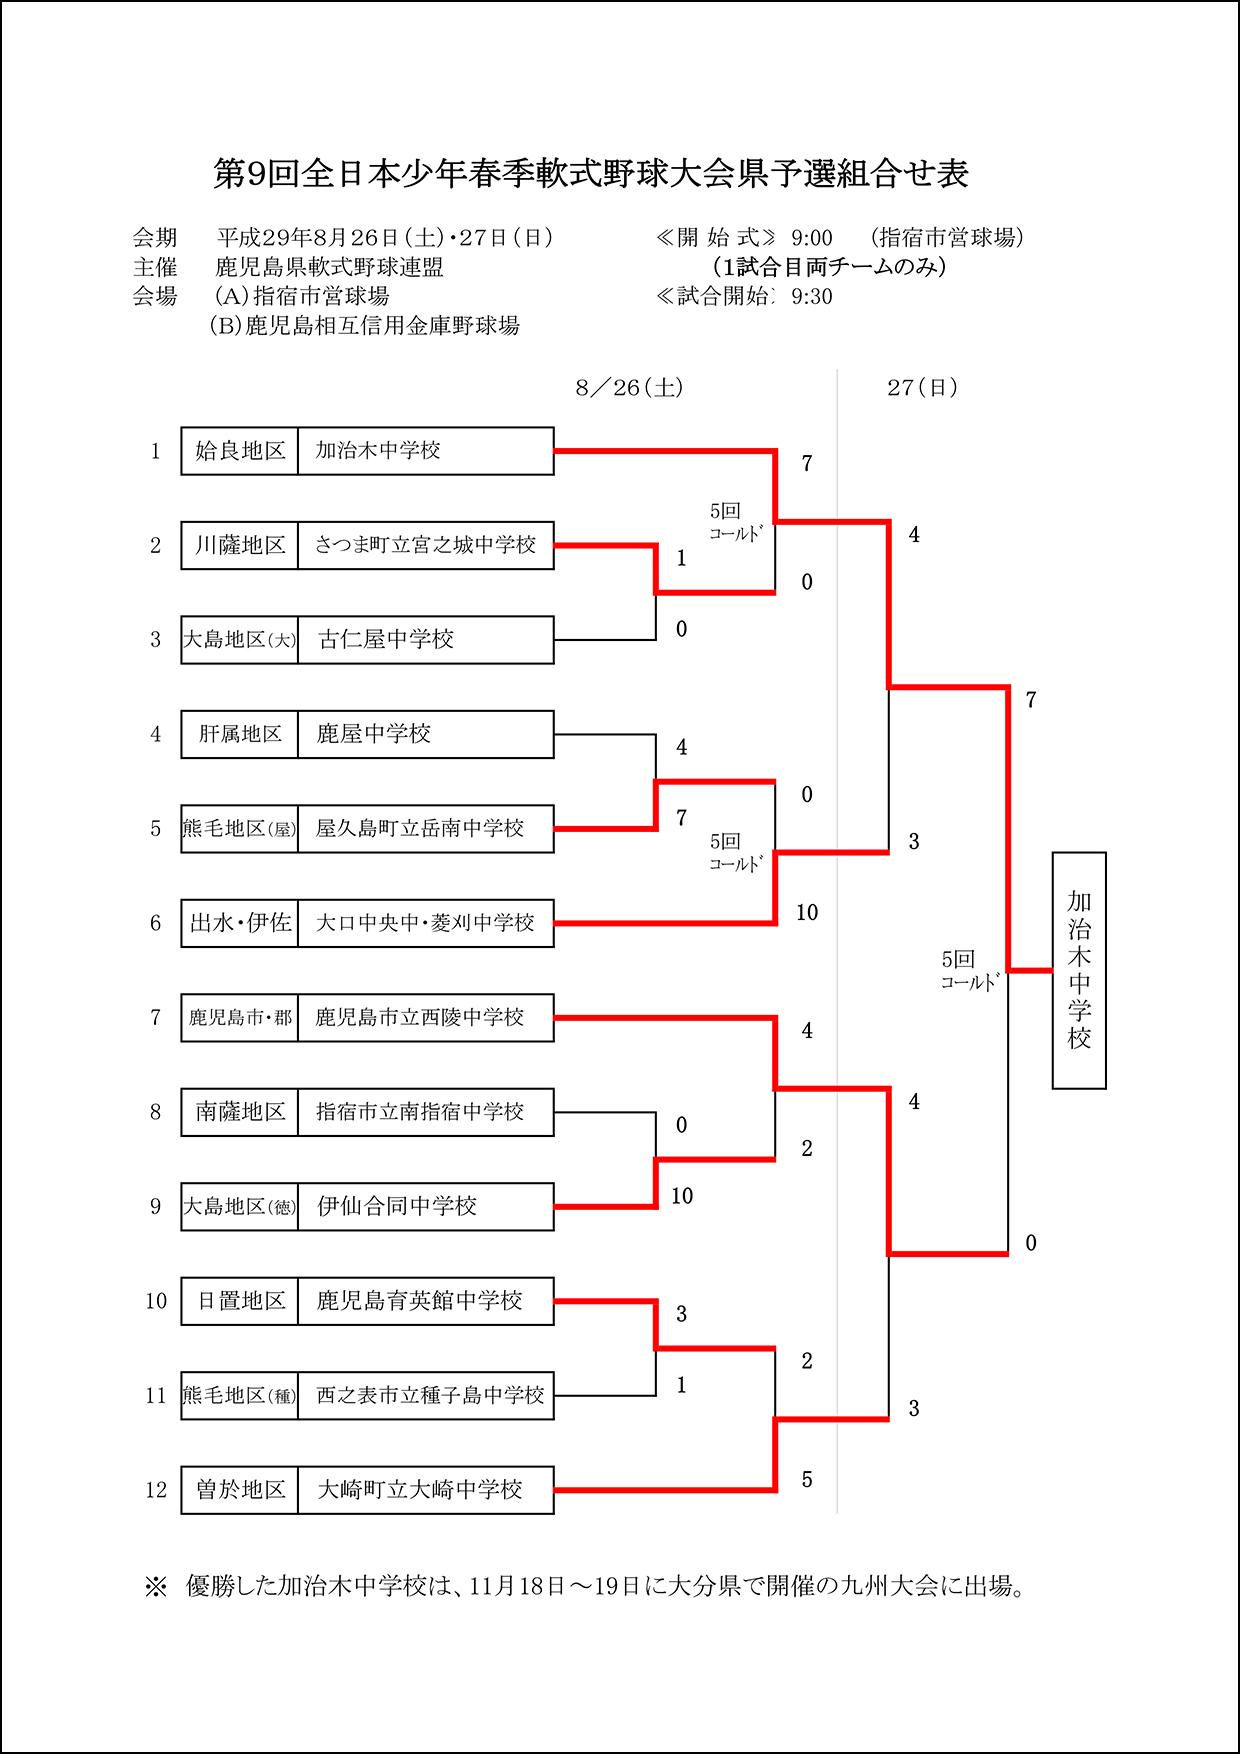 第9回全日本少年春季軟式野球大会県予選組合せ表